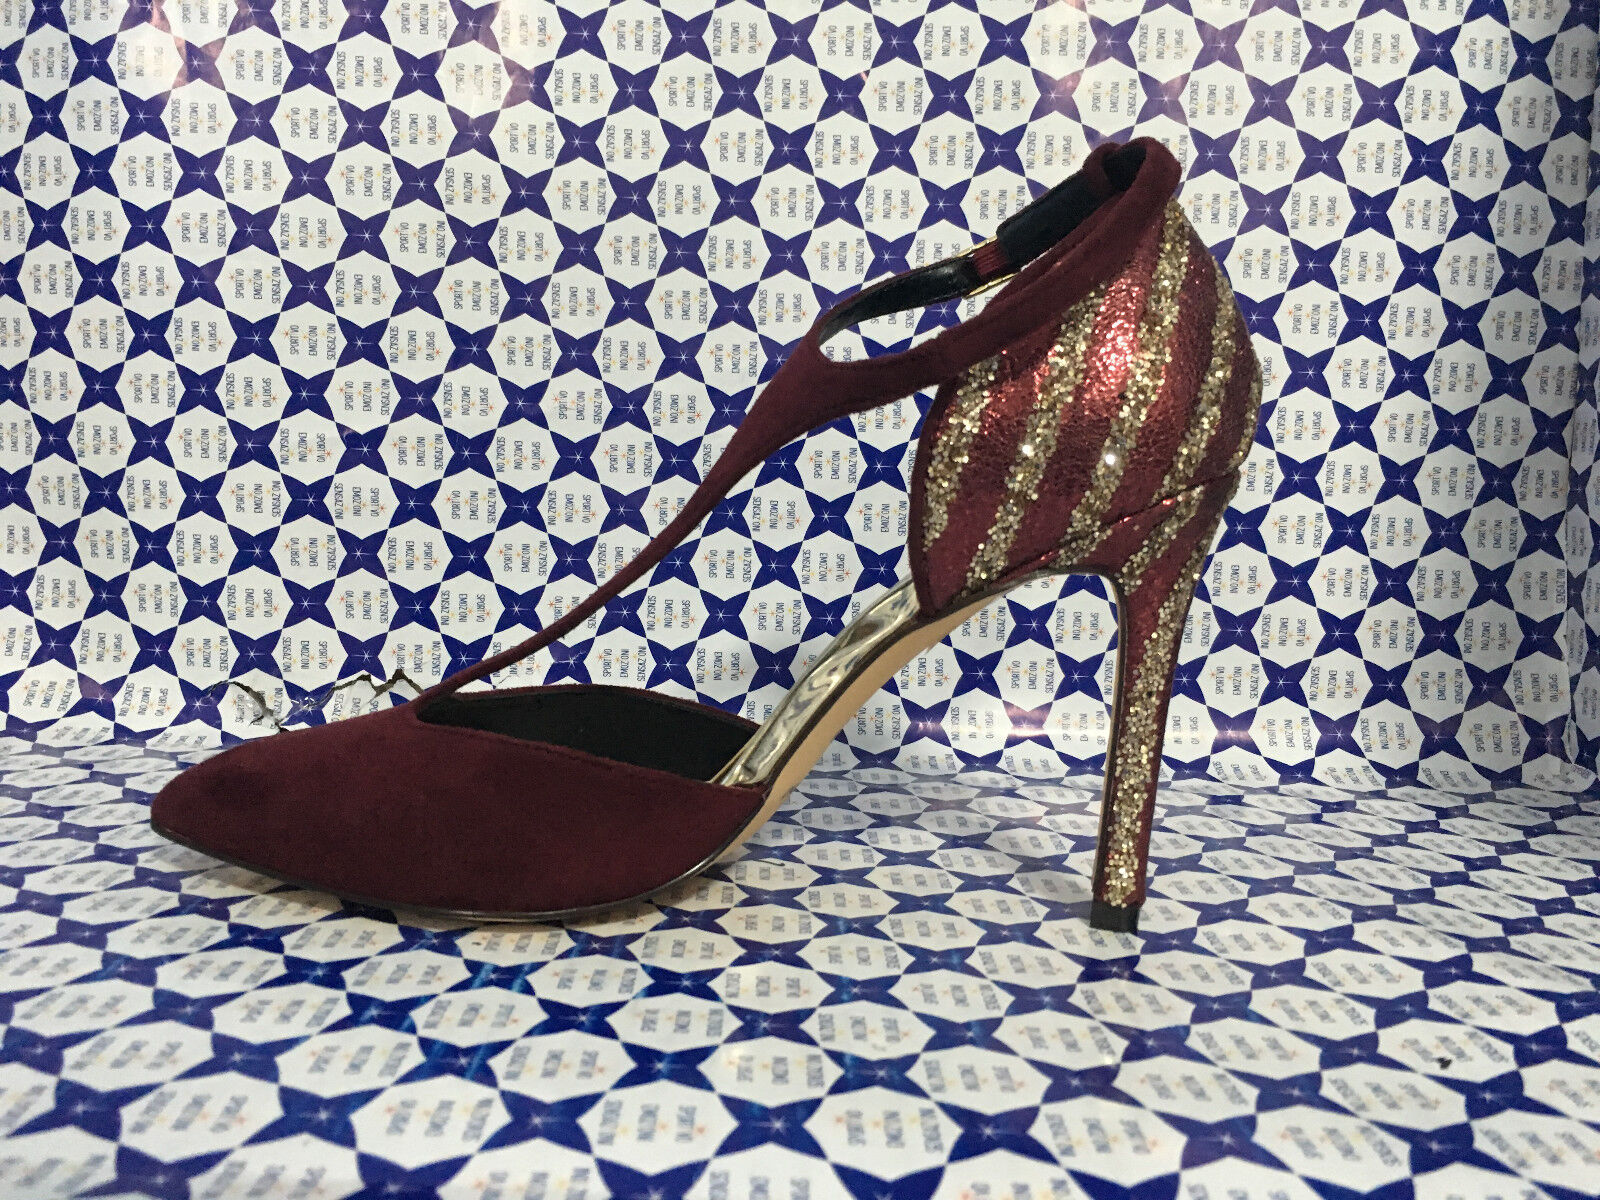 schuhe Tacco Menbur damen - Mary Jane Scamosciata Glitter - - - Bordeaux - 7685 c4d791